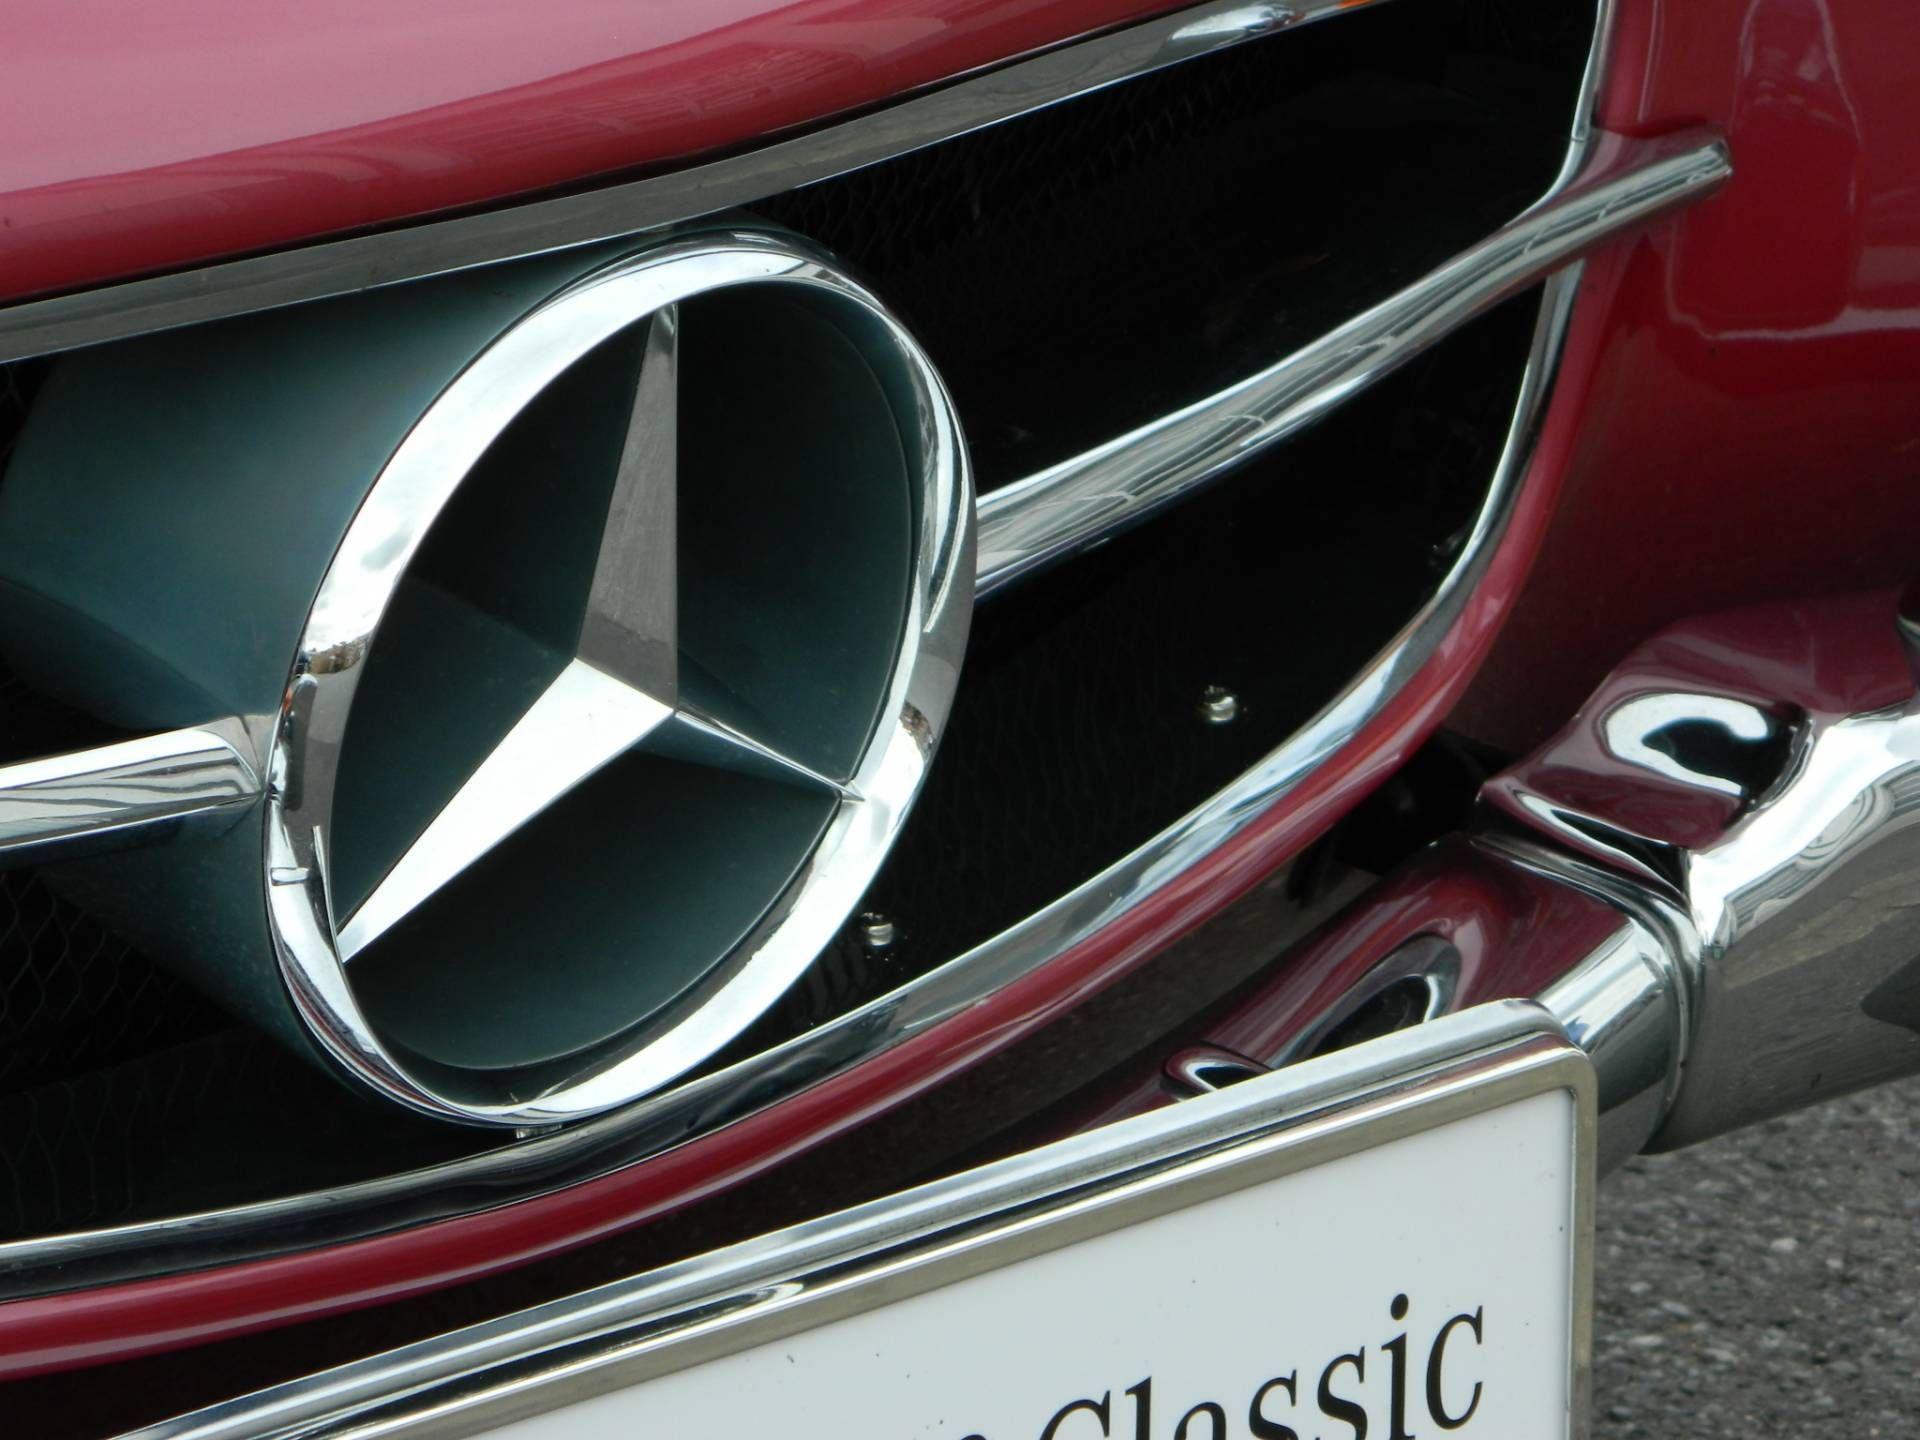 mercedes benz 190 sl mercedes benz classic mercedes. Black Bedroom Furniture Sets. Home Design Ideas